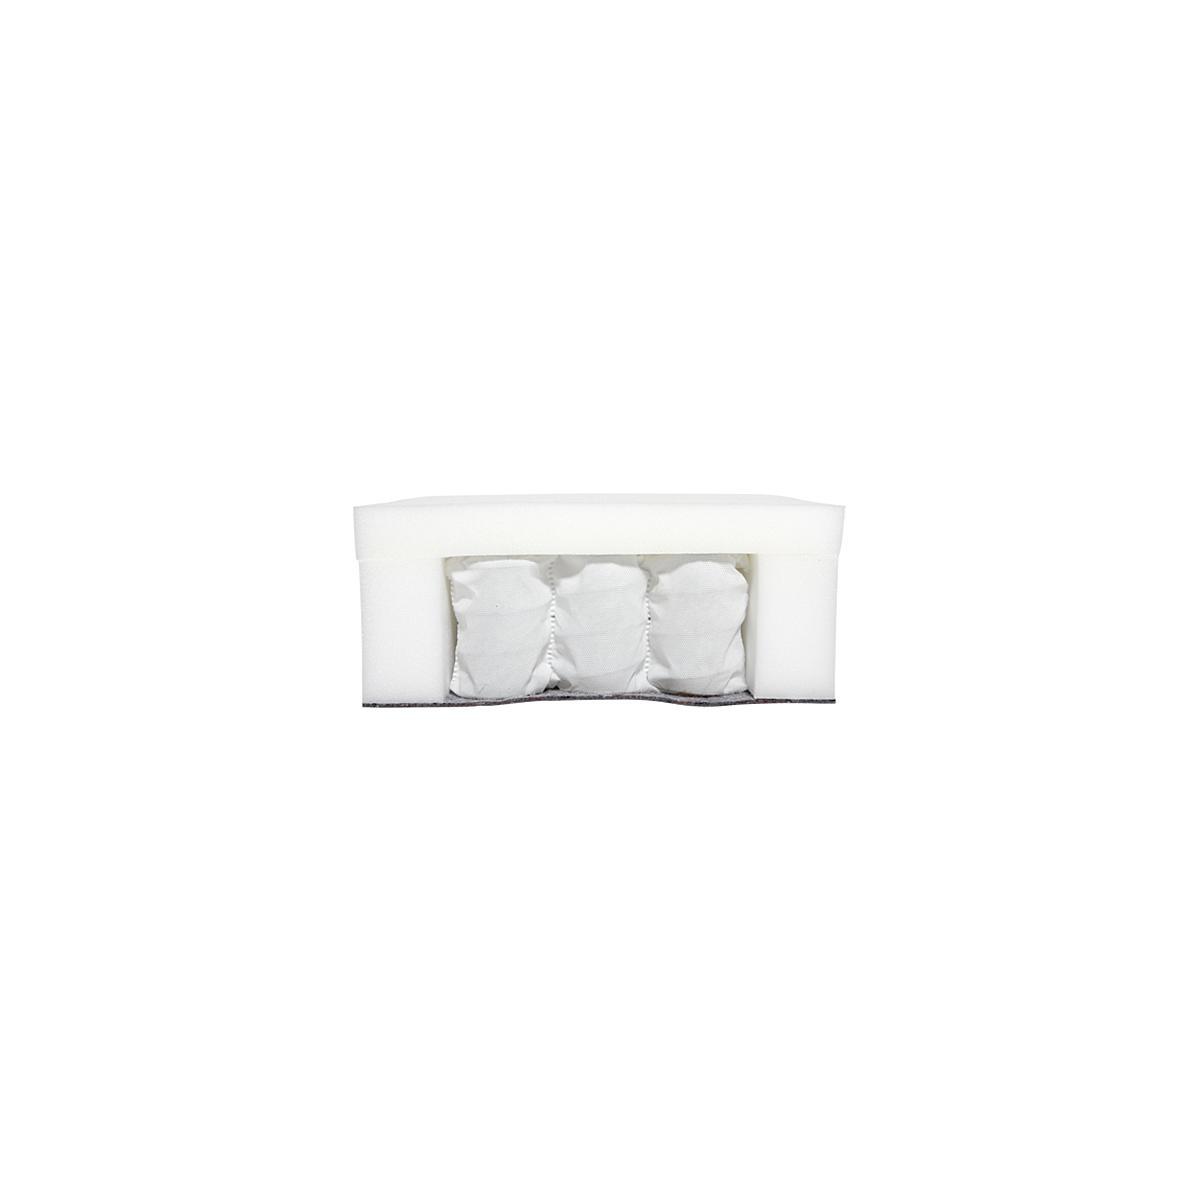 Colchón muelles con funda 140x190 Flexa crema